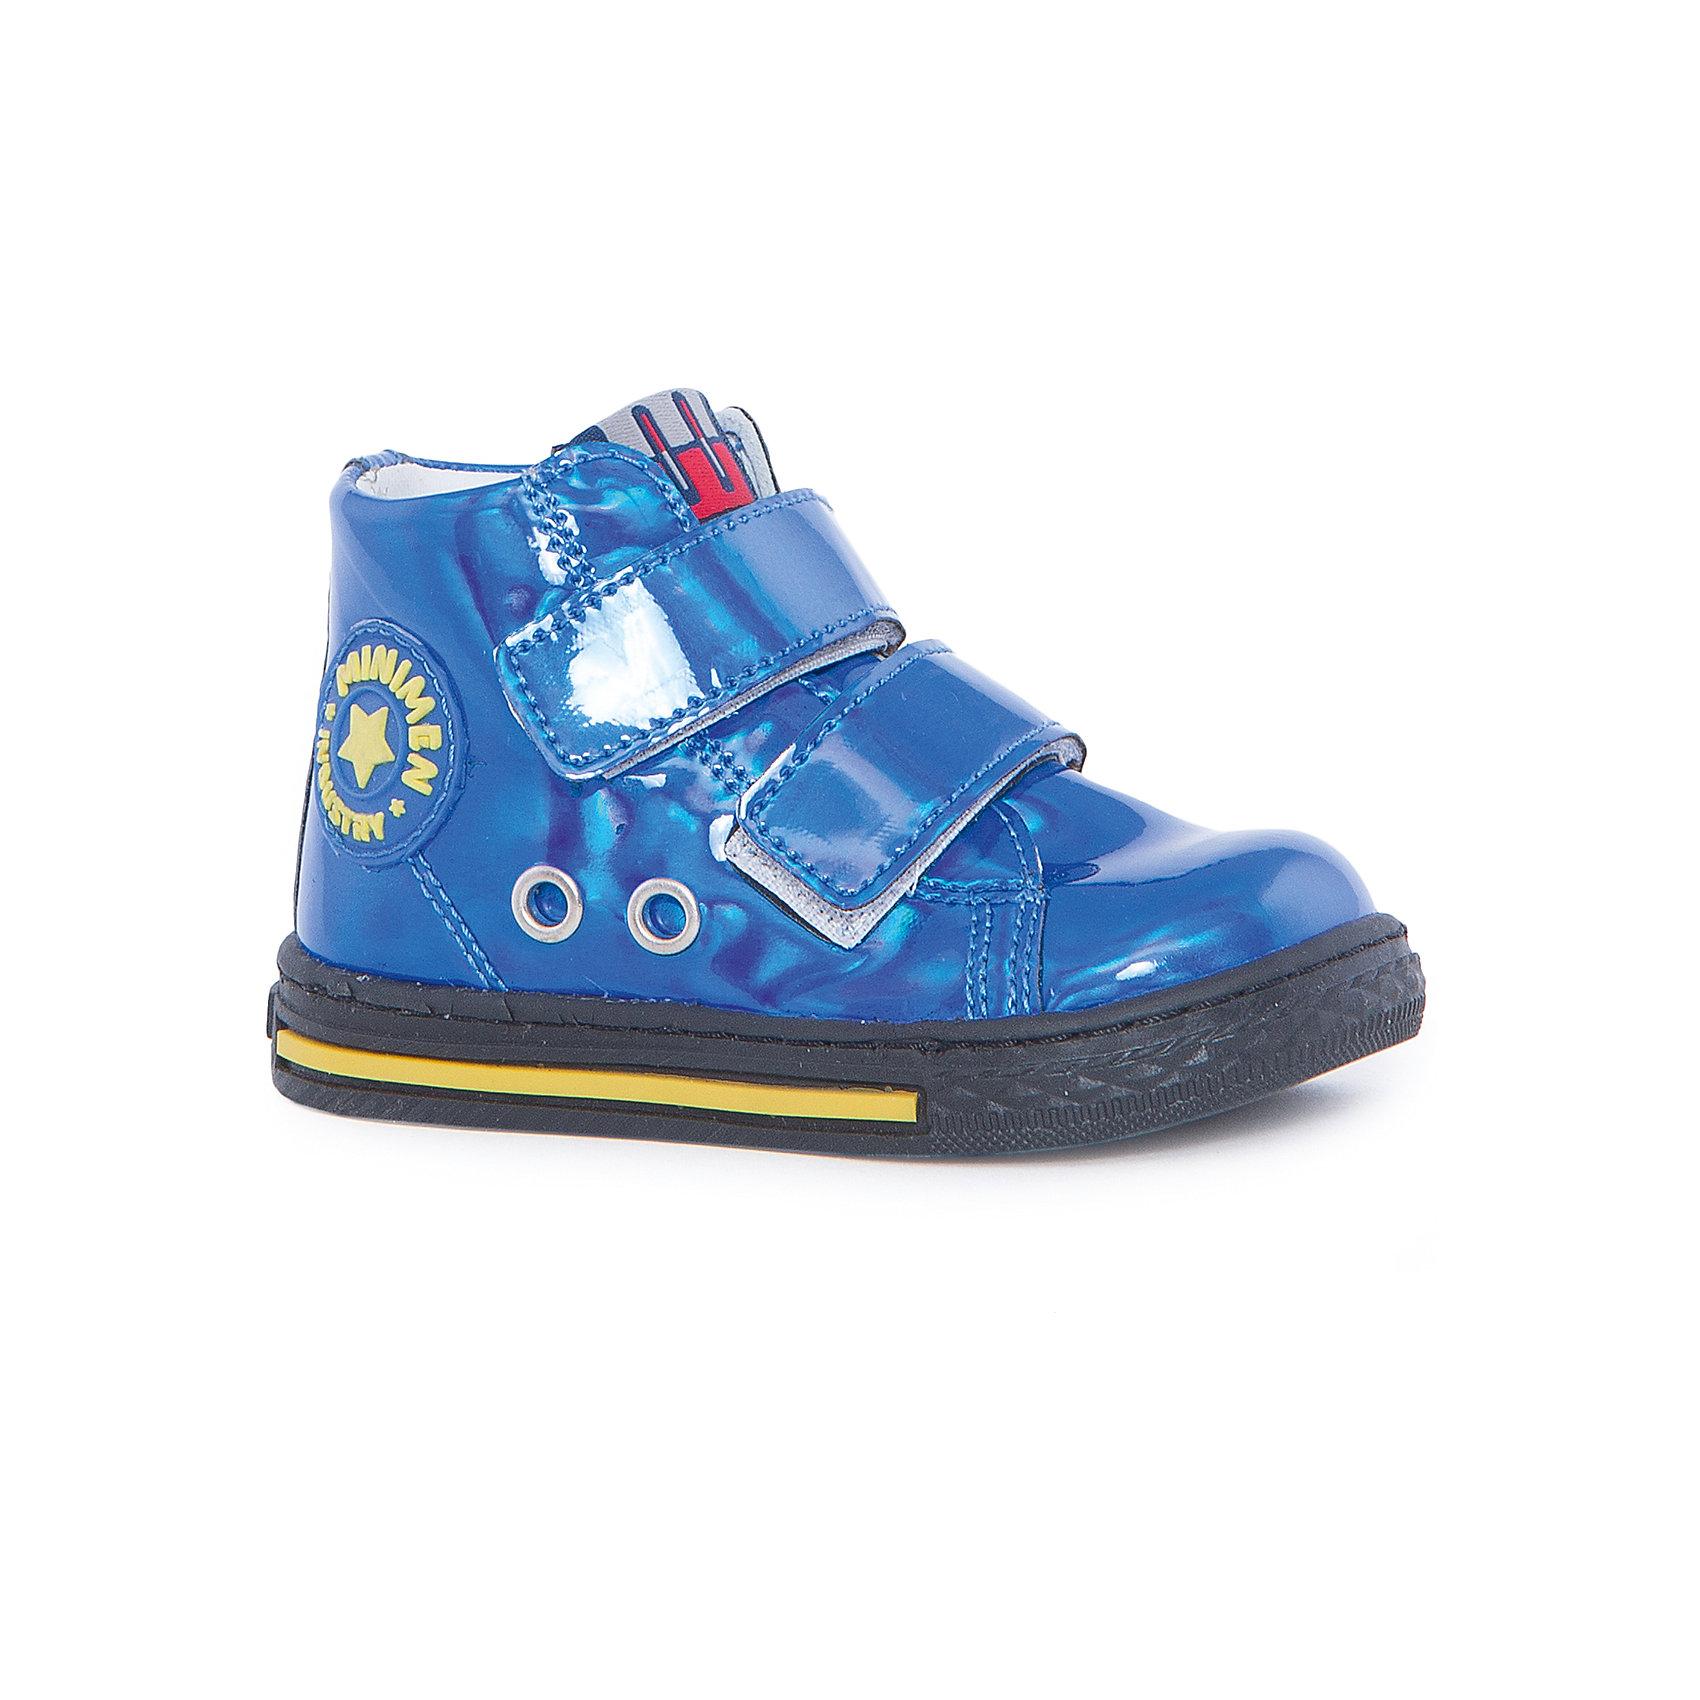 Ботинки для девочки MinimenБотинки<br>Стильные и практичные ботиночки от Minimen. Они имеют ортопедическую стельку и толстую подошву. Ботинки легко надевать и застегивать при помощи липучек. Кроме того, вы можете не переживать о промокших ногах, если ребенок пройдет по луже. Отлично подойдут для осени.<br><br>Дополнительная информация:<br>Стелька: супинатор<br>Цвет: синий<br>Сезон: осень<br>Материал: кожа<br><br>Ботинки Minimen можно купить в нашем интернет-магазине.<br><br>Ширина мм: 262<br>Глубина мм: 176<br>Высота мм: 97<br>Вес г: 427<br>Цвет: голубой<br>Возраст от месяцев: 9<br>Возраст до месяцев: 12<br>Пол: Женский<br>Возраст: Детский<br>Размер: 24,20,21,22,23<br>SKU: 4969991